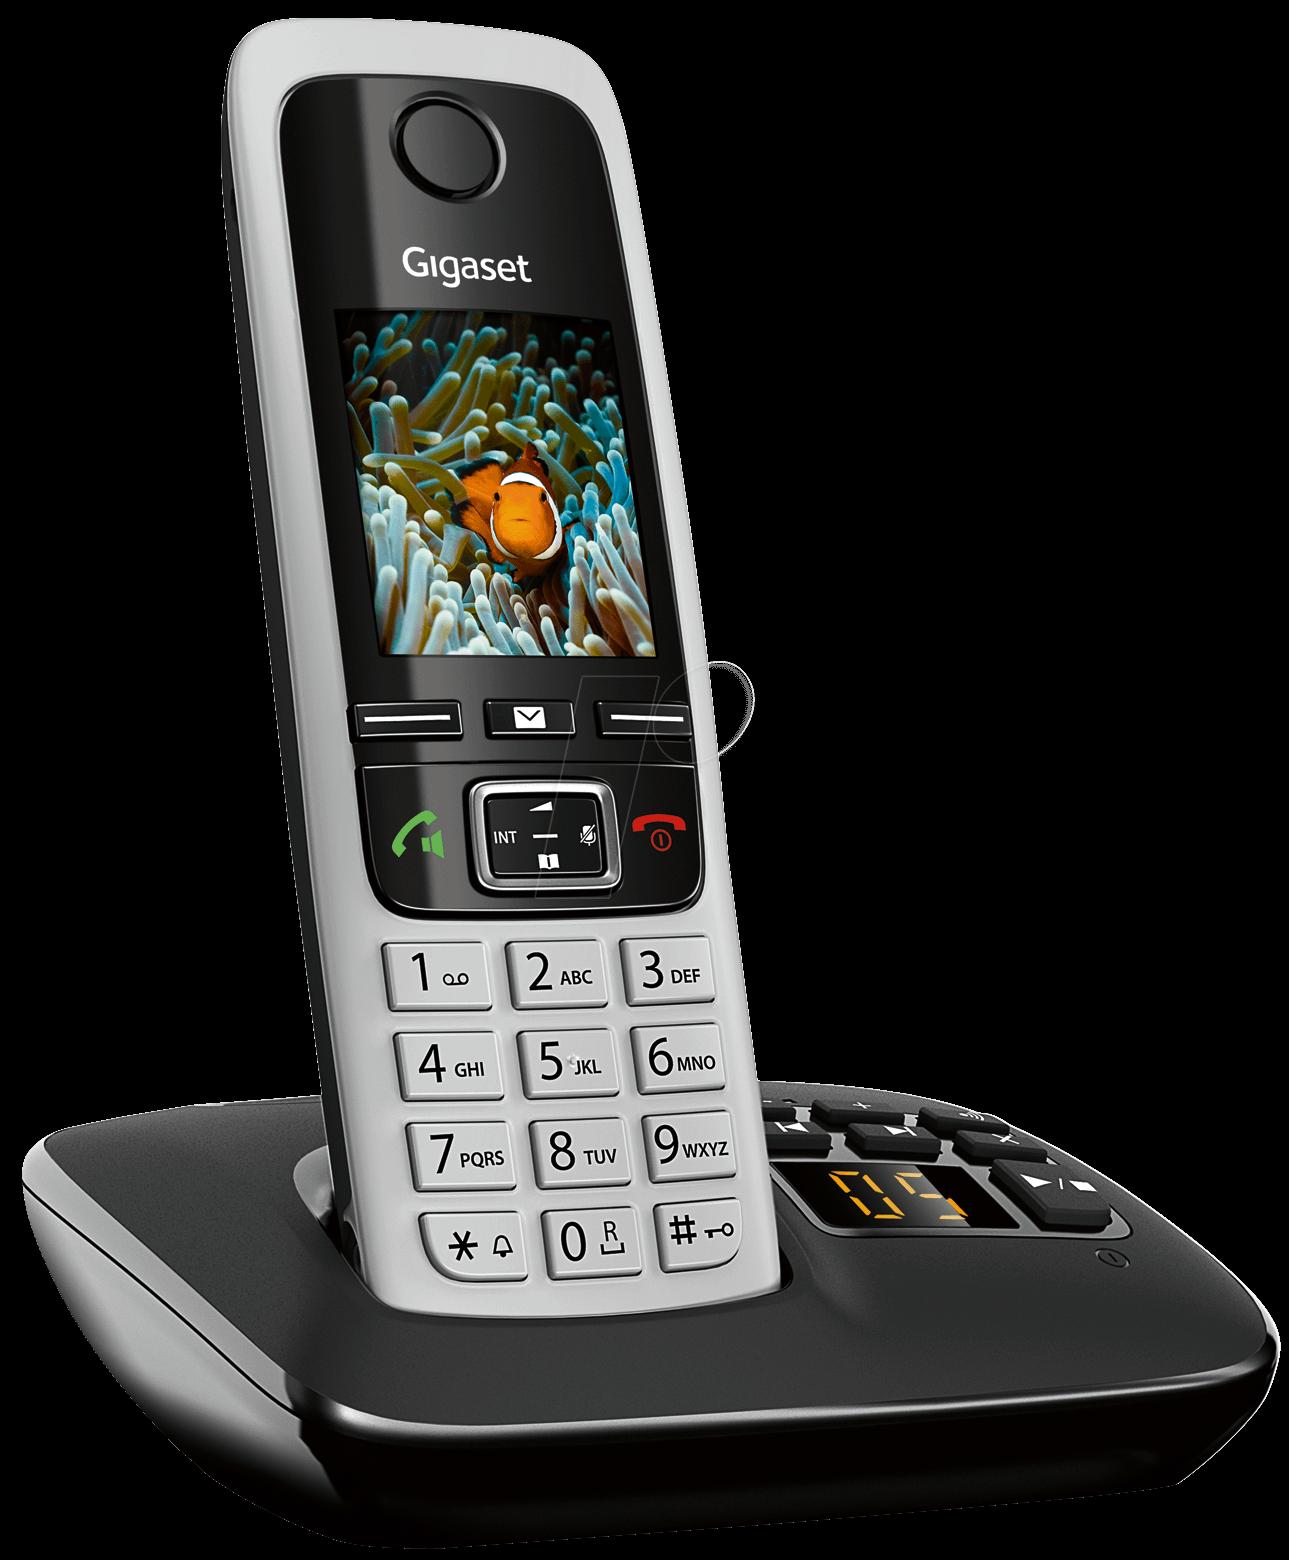 gigaset c430a dect telephone 1 handset answering. Black Bedroom Furniture Sets. Home Design Ideas